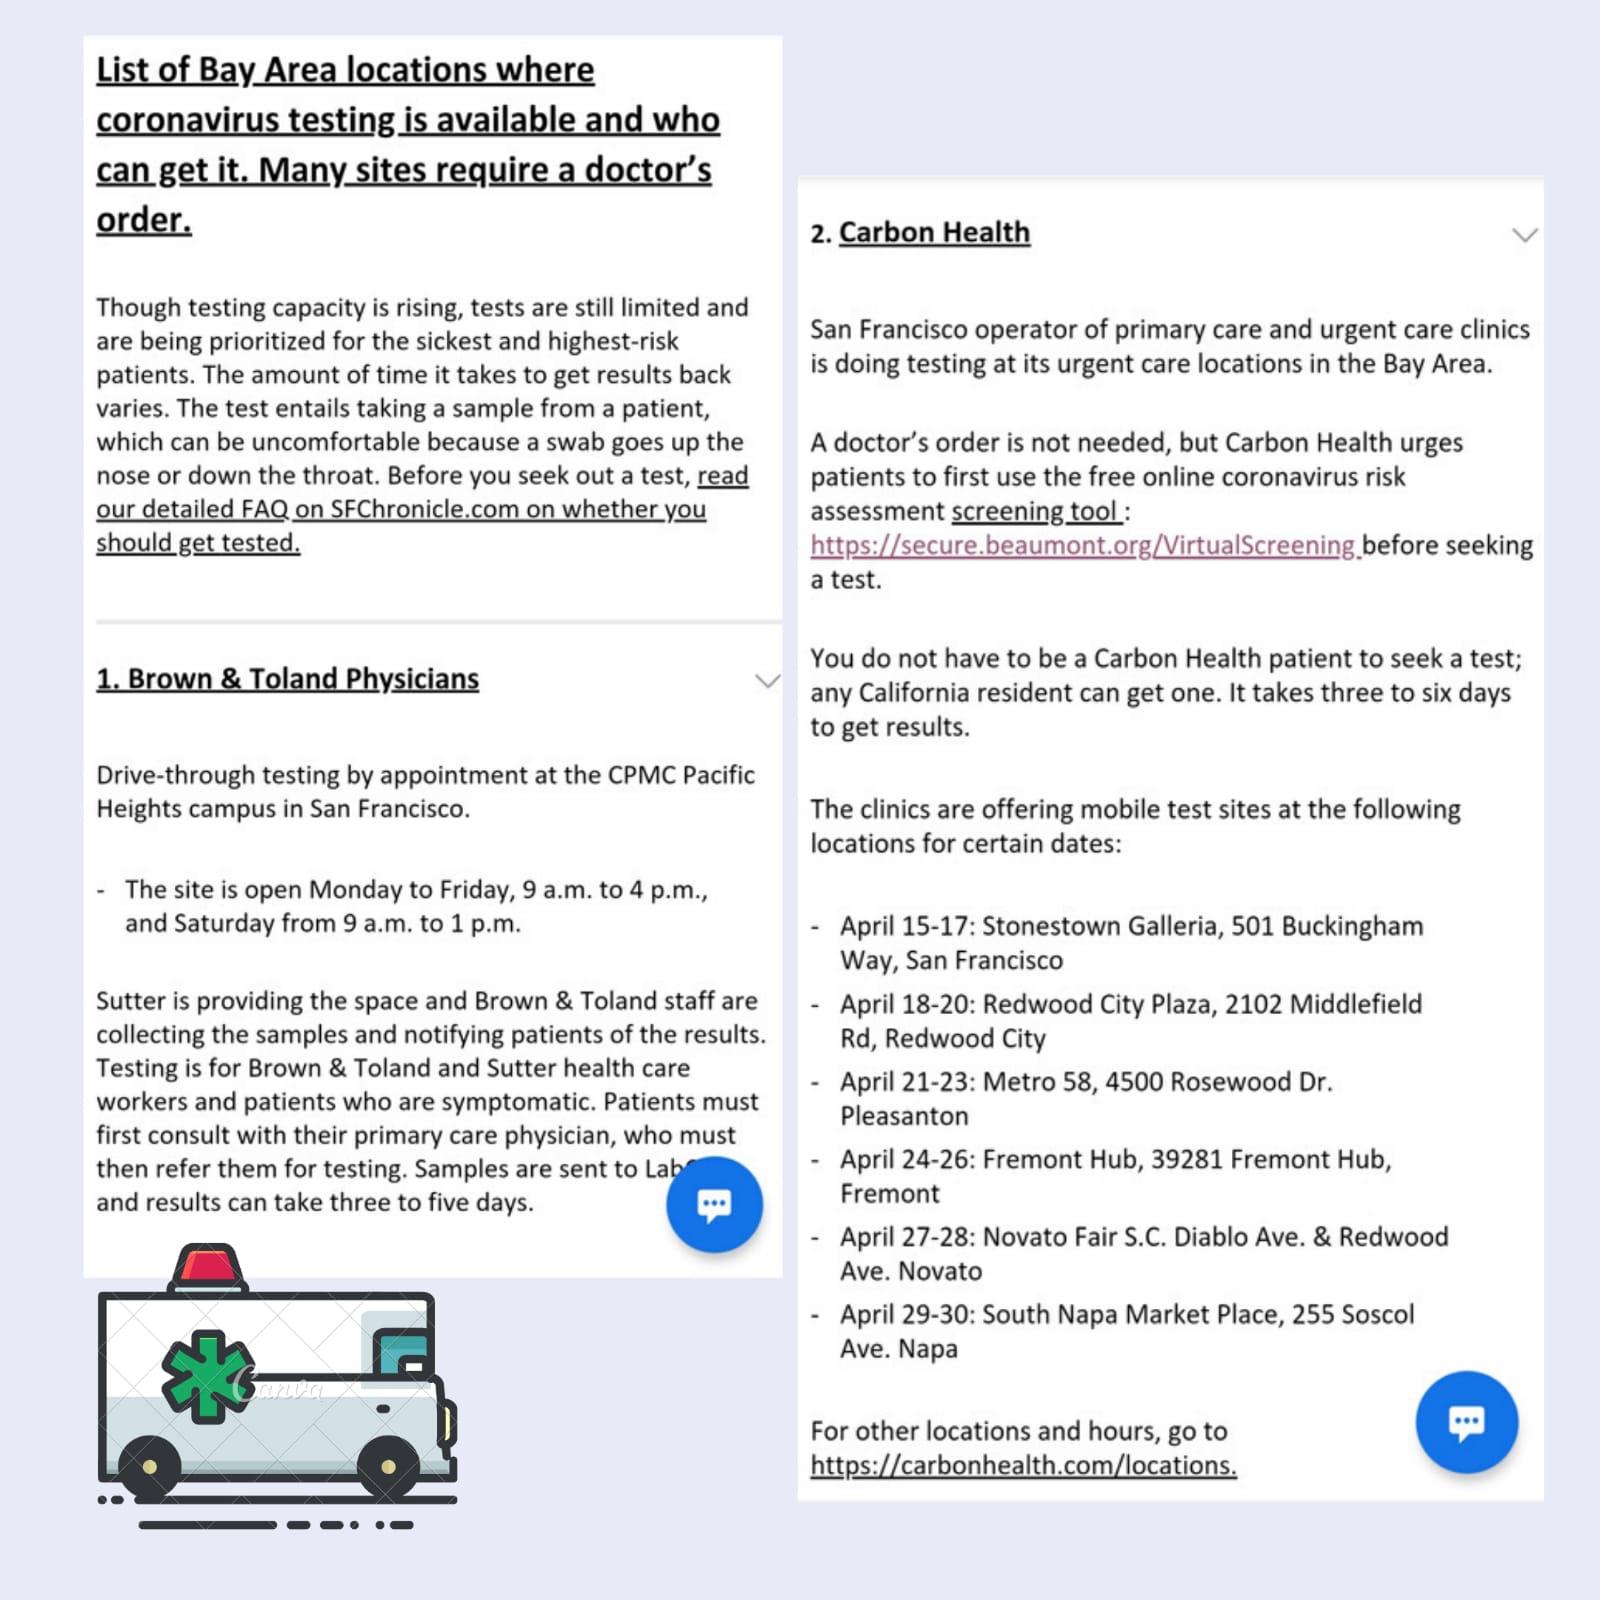 Kjri San Francisco On Twitter Halo Diplomates Berikut Informasi Penting Bagi Masyarakat Yang Membutuhkan Tes Covid 19 Di San Francisco Bay Area Https T Co Ztuj7qaubo